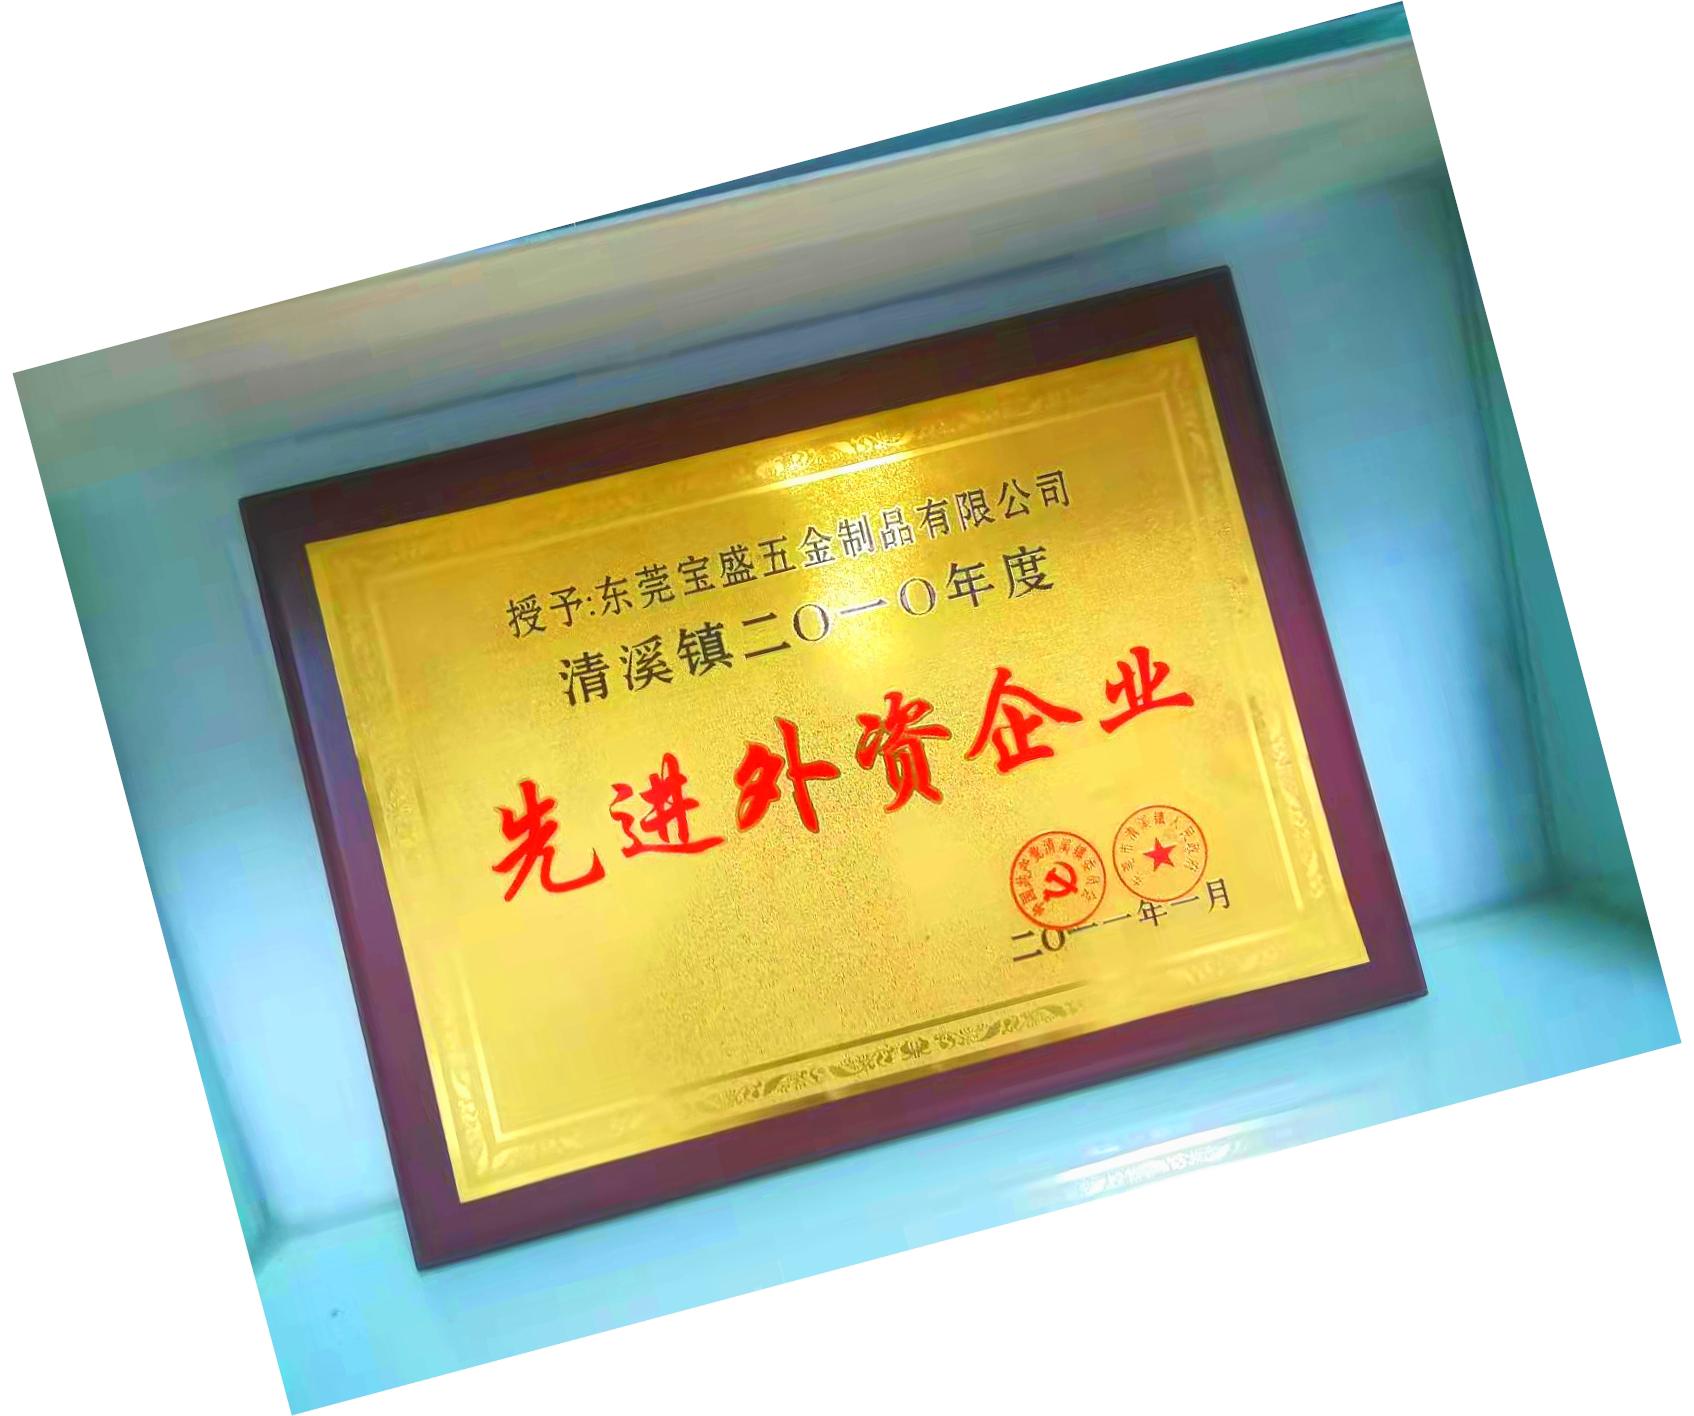 公司荣誉-美化-8_看图王